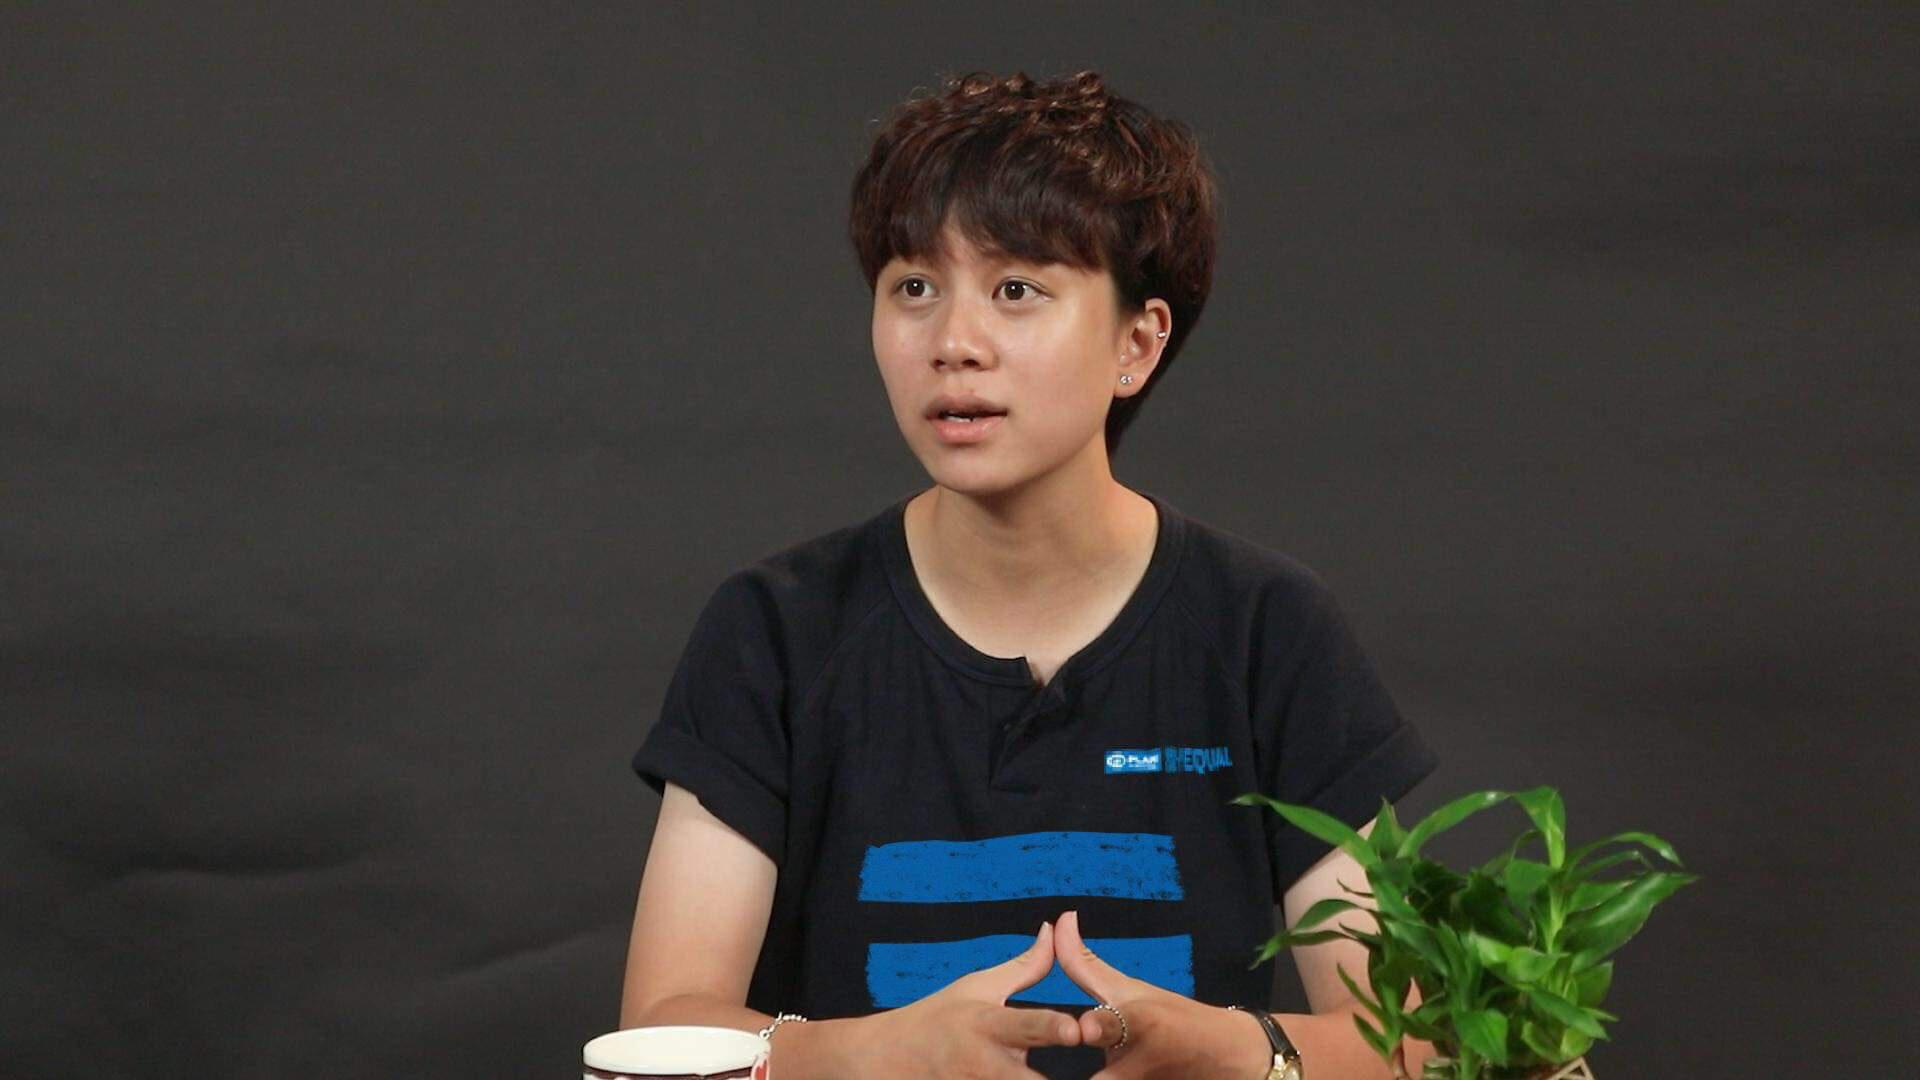 Bảo Hân trong Về nhà đi con trở thành đại sứ cho chiến dịch Hành trình 247+ Vì em gái bình đẳng 2020 tại Việt Nam - Ảnh 1.